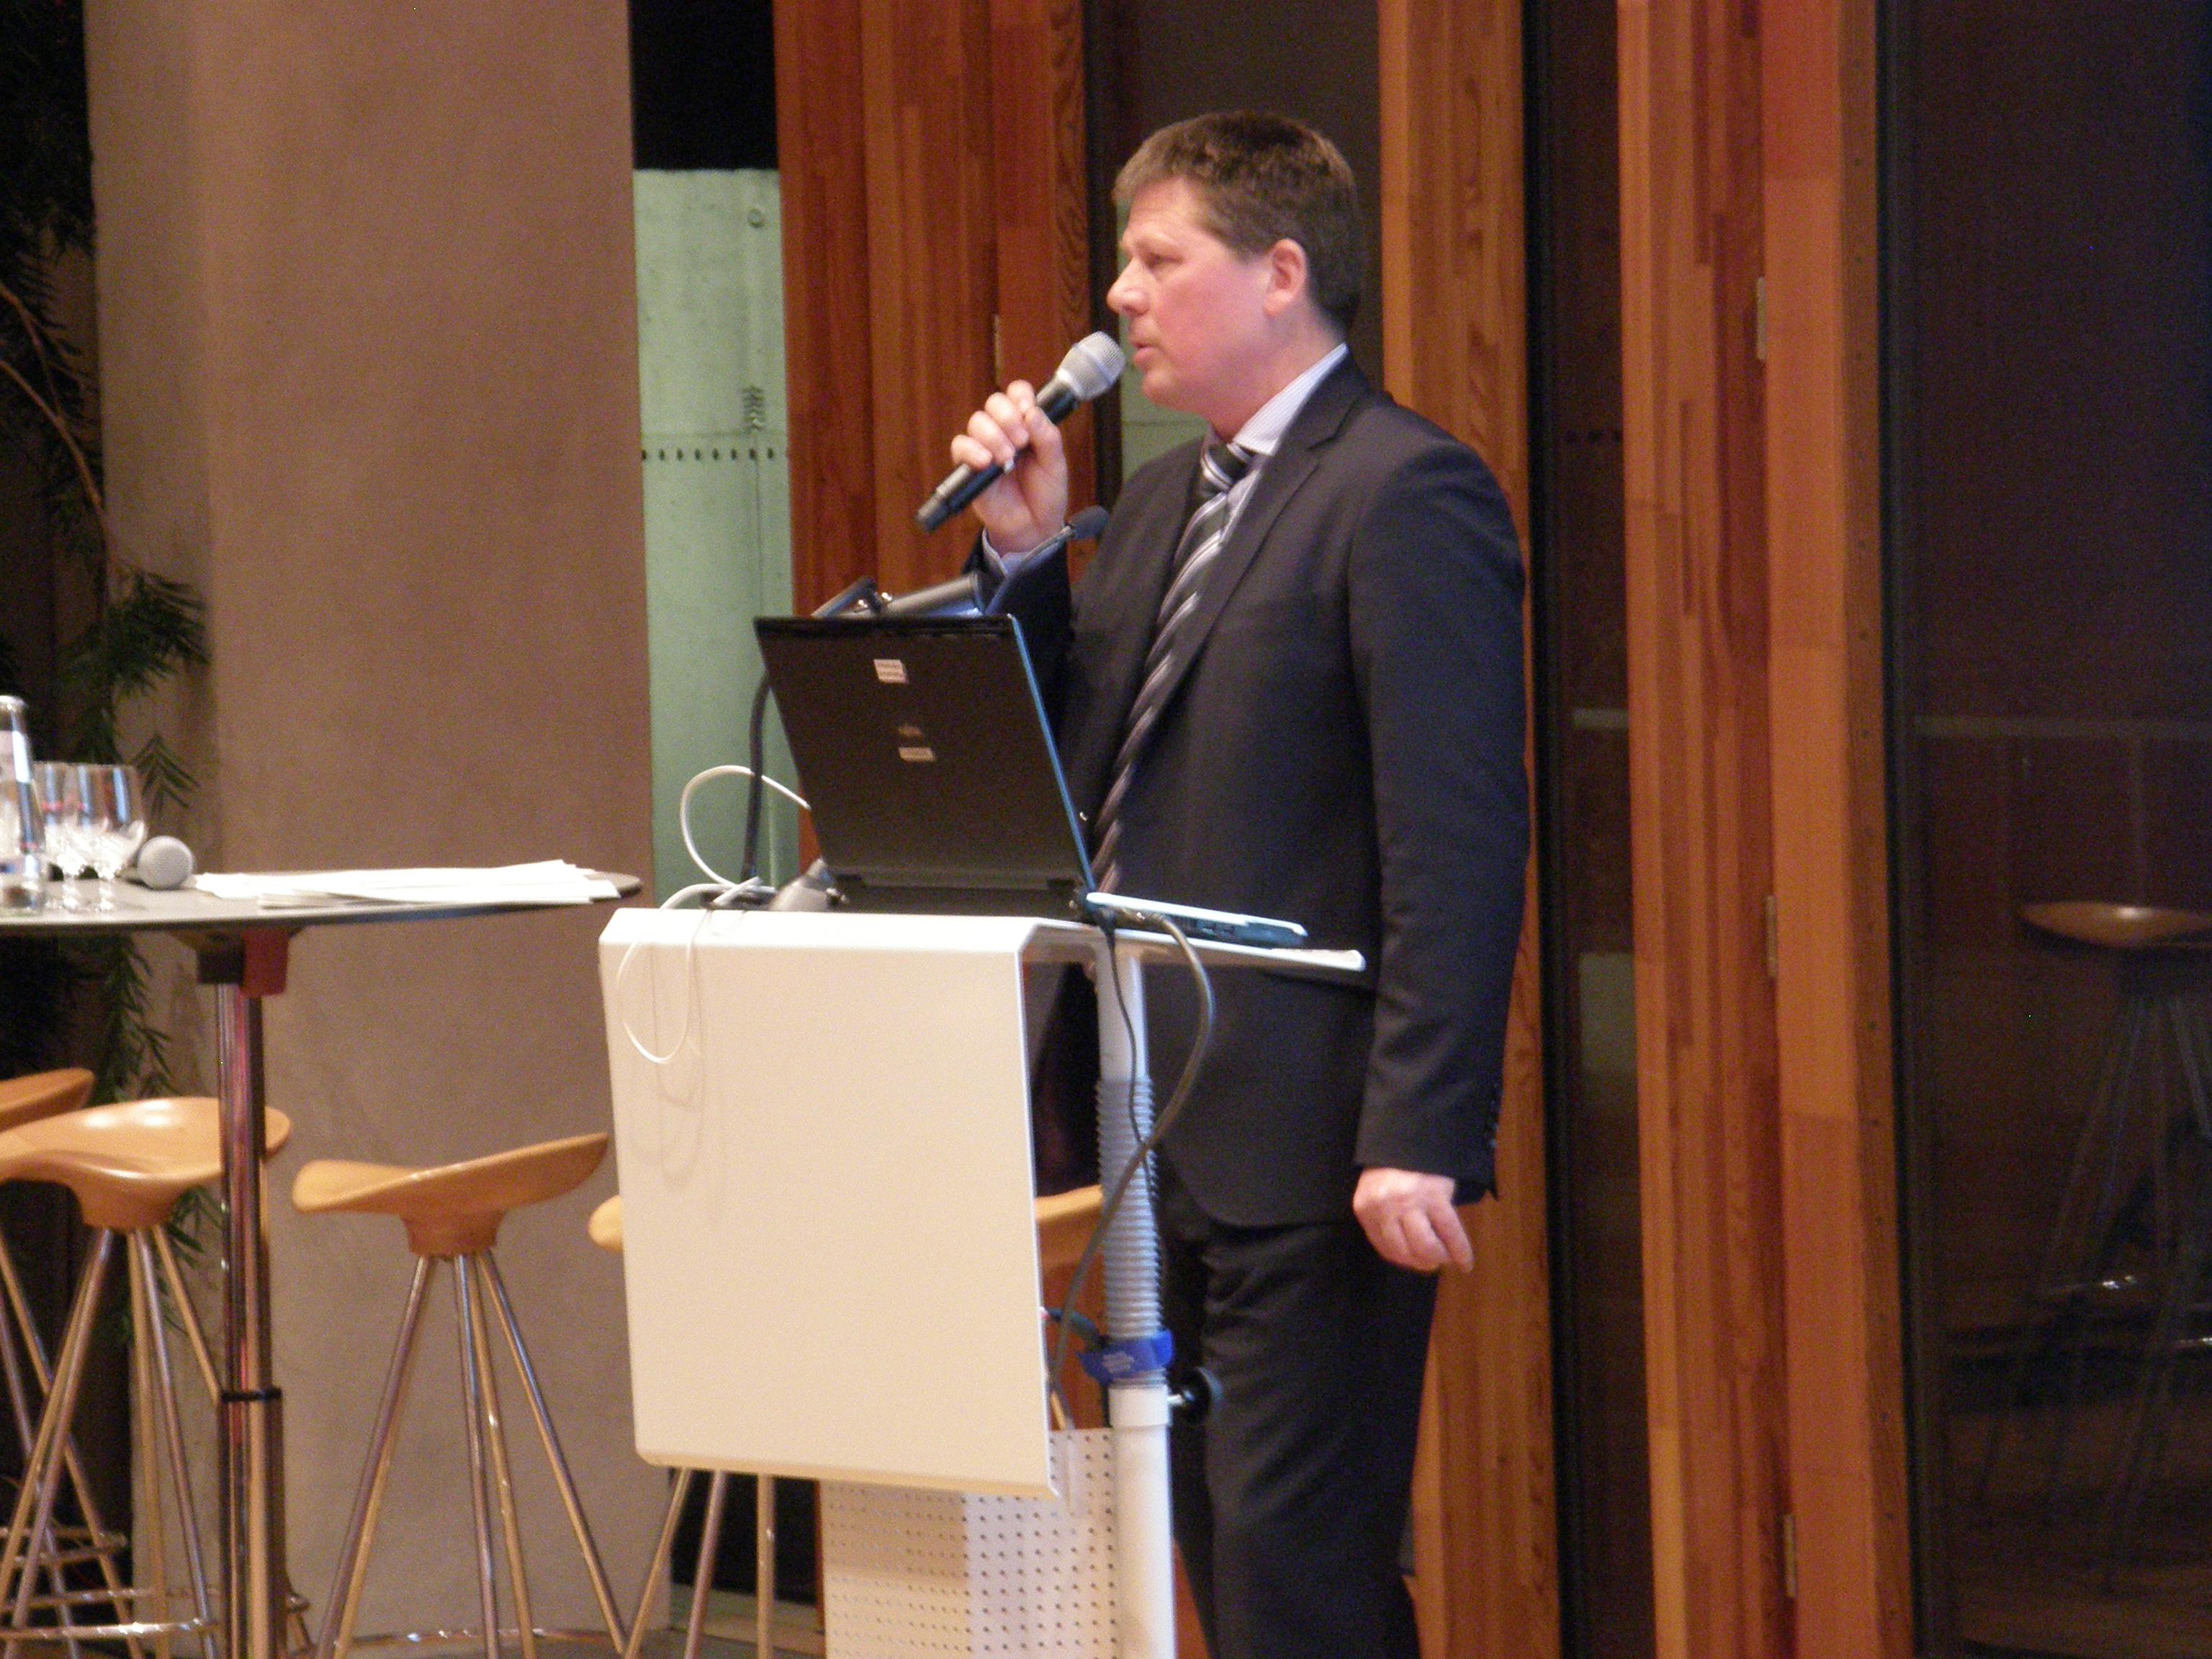 Dr. Joachim Lohse, Bremer Senator für Umwelt, Bau und Verkehr